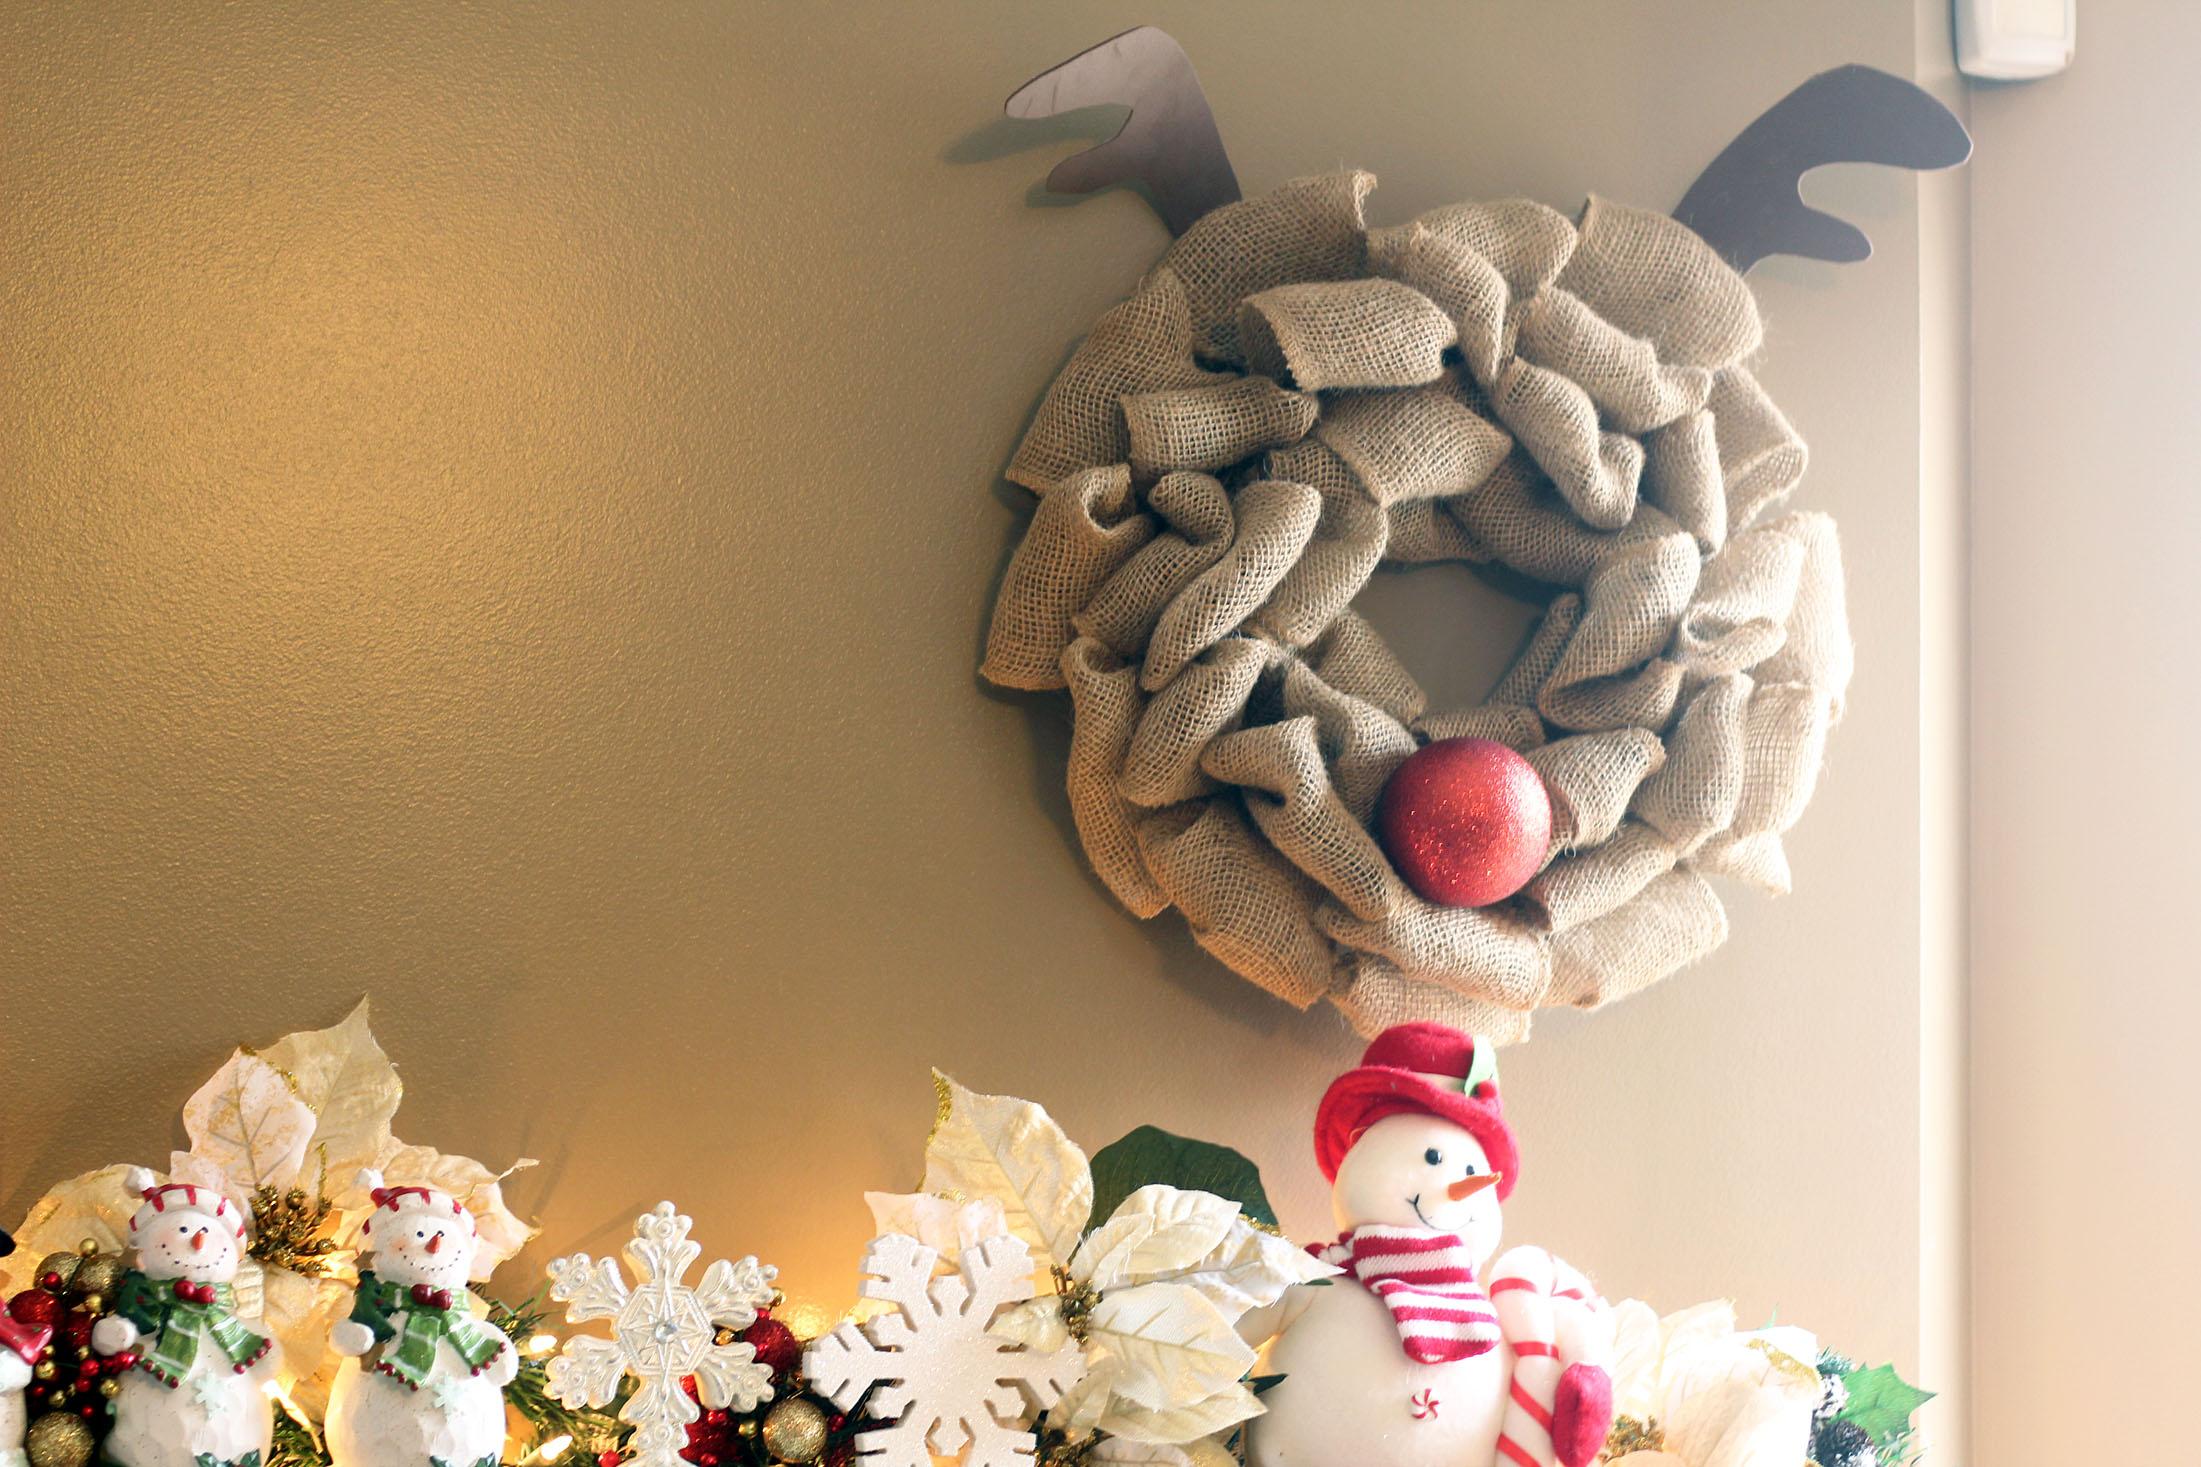 DIY Burlap Rudolph Wreath